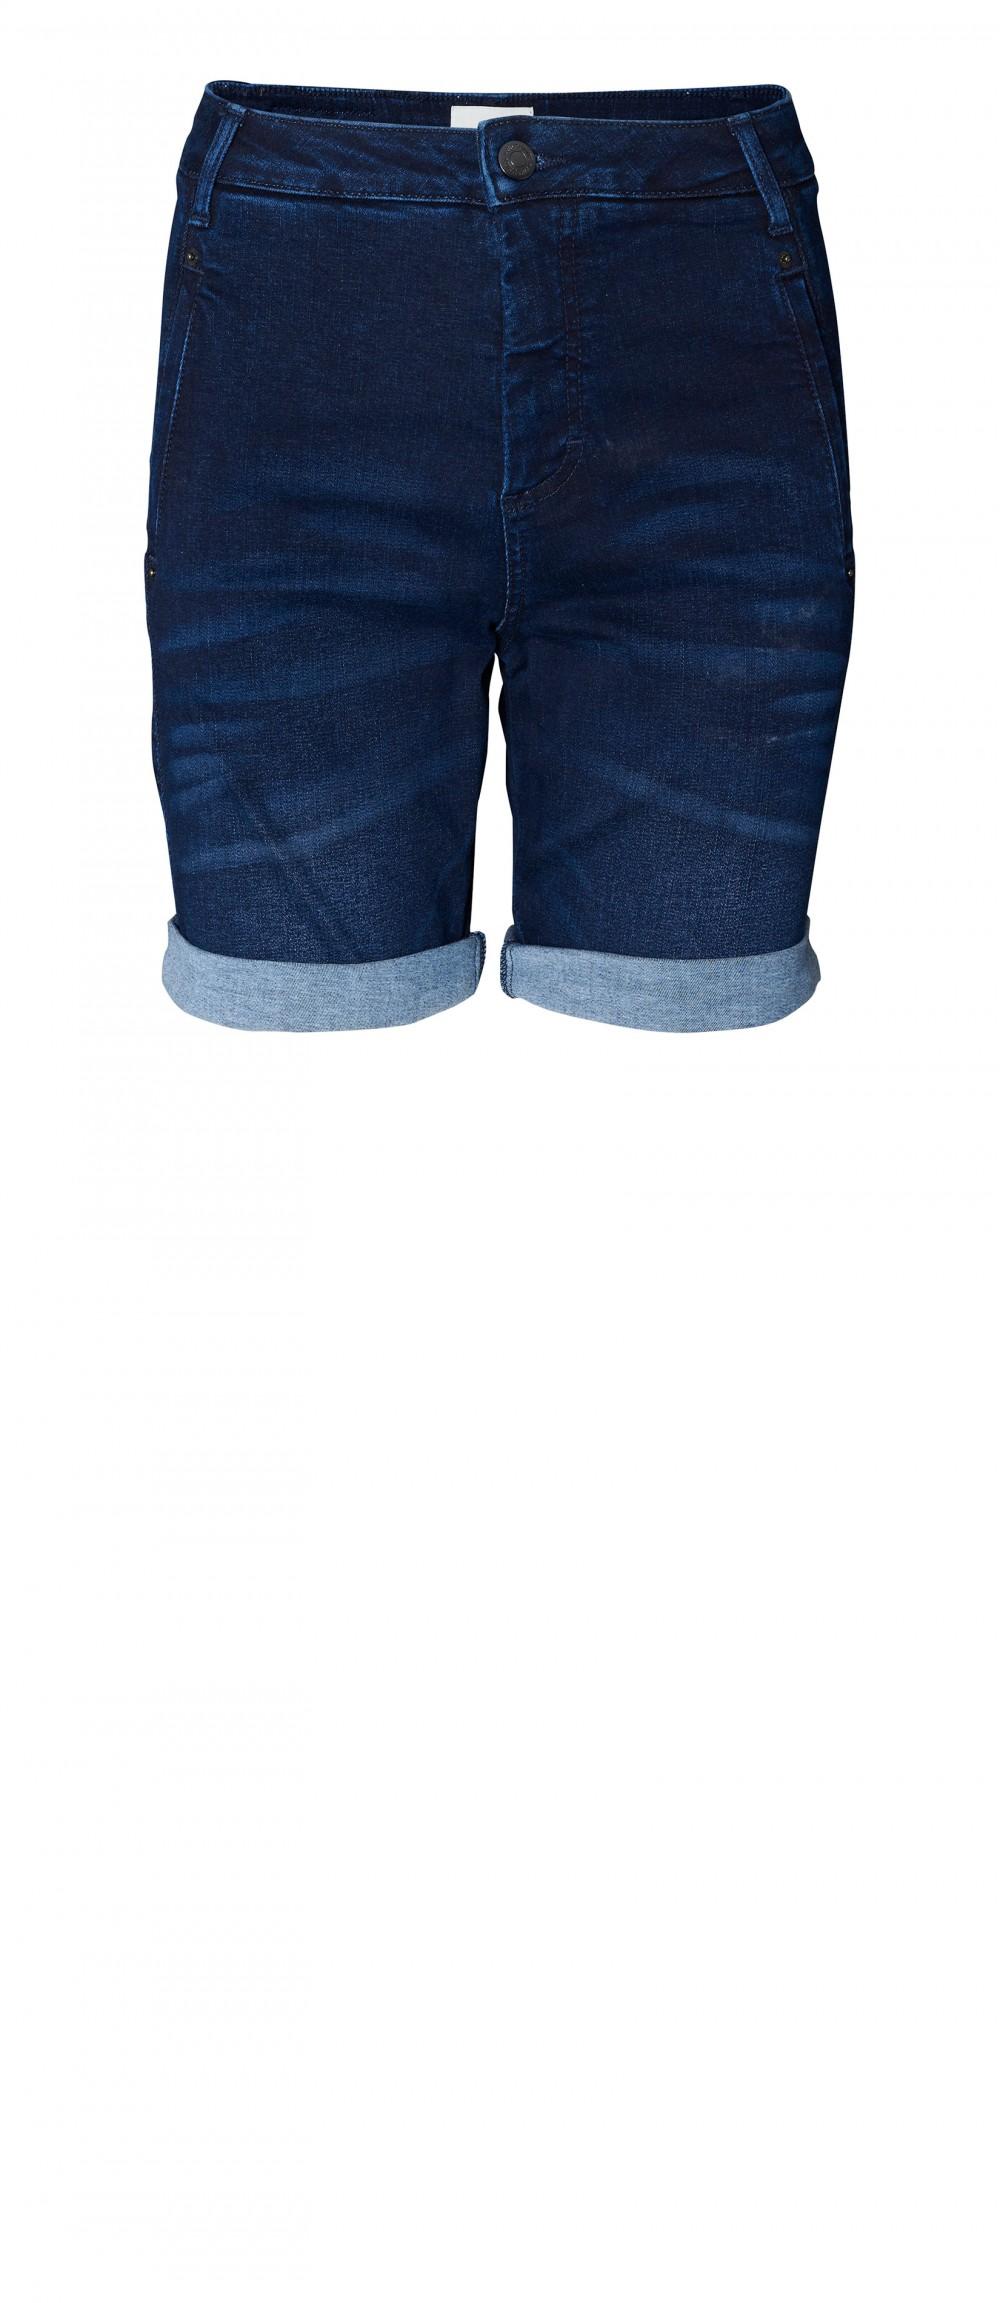 Jolie Carabelle denim shorts